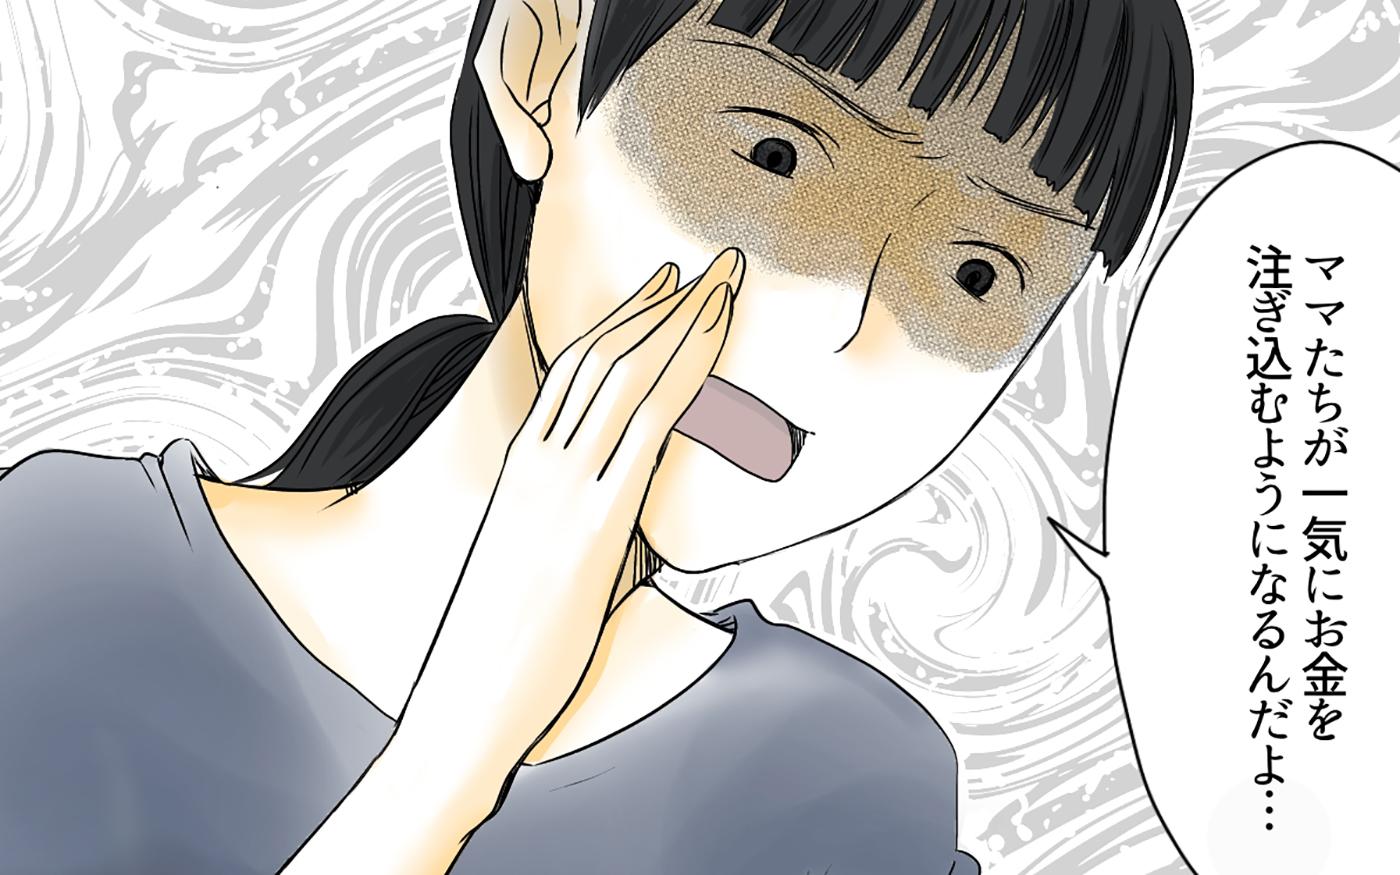 志望校に届くかも…その願いが金銭感覚を麻痺させる/中学受験のお金・芝浦家の場合(5)